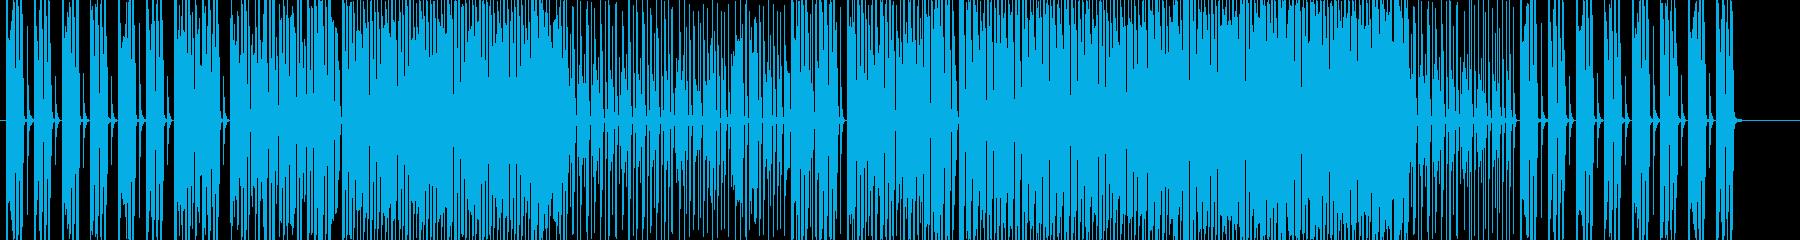 ゆるかわで愉快な音楽隊♬リコーダーマーチの再生済みの波形